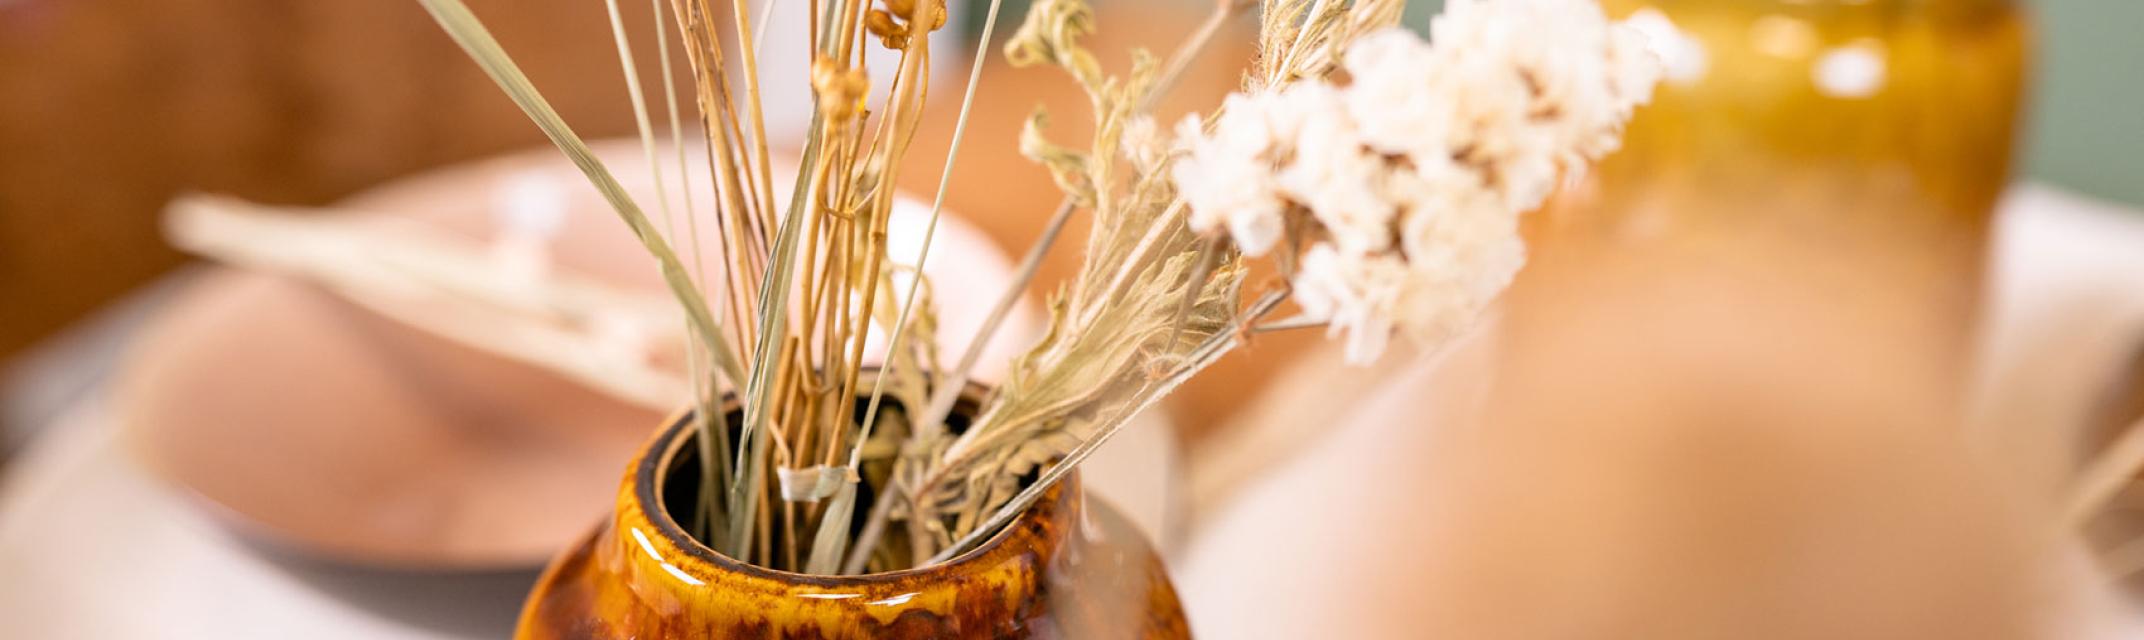 Vazen voor droogbloemen